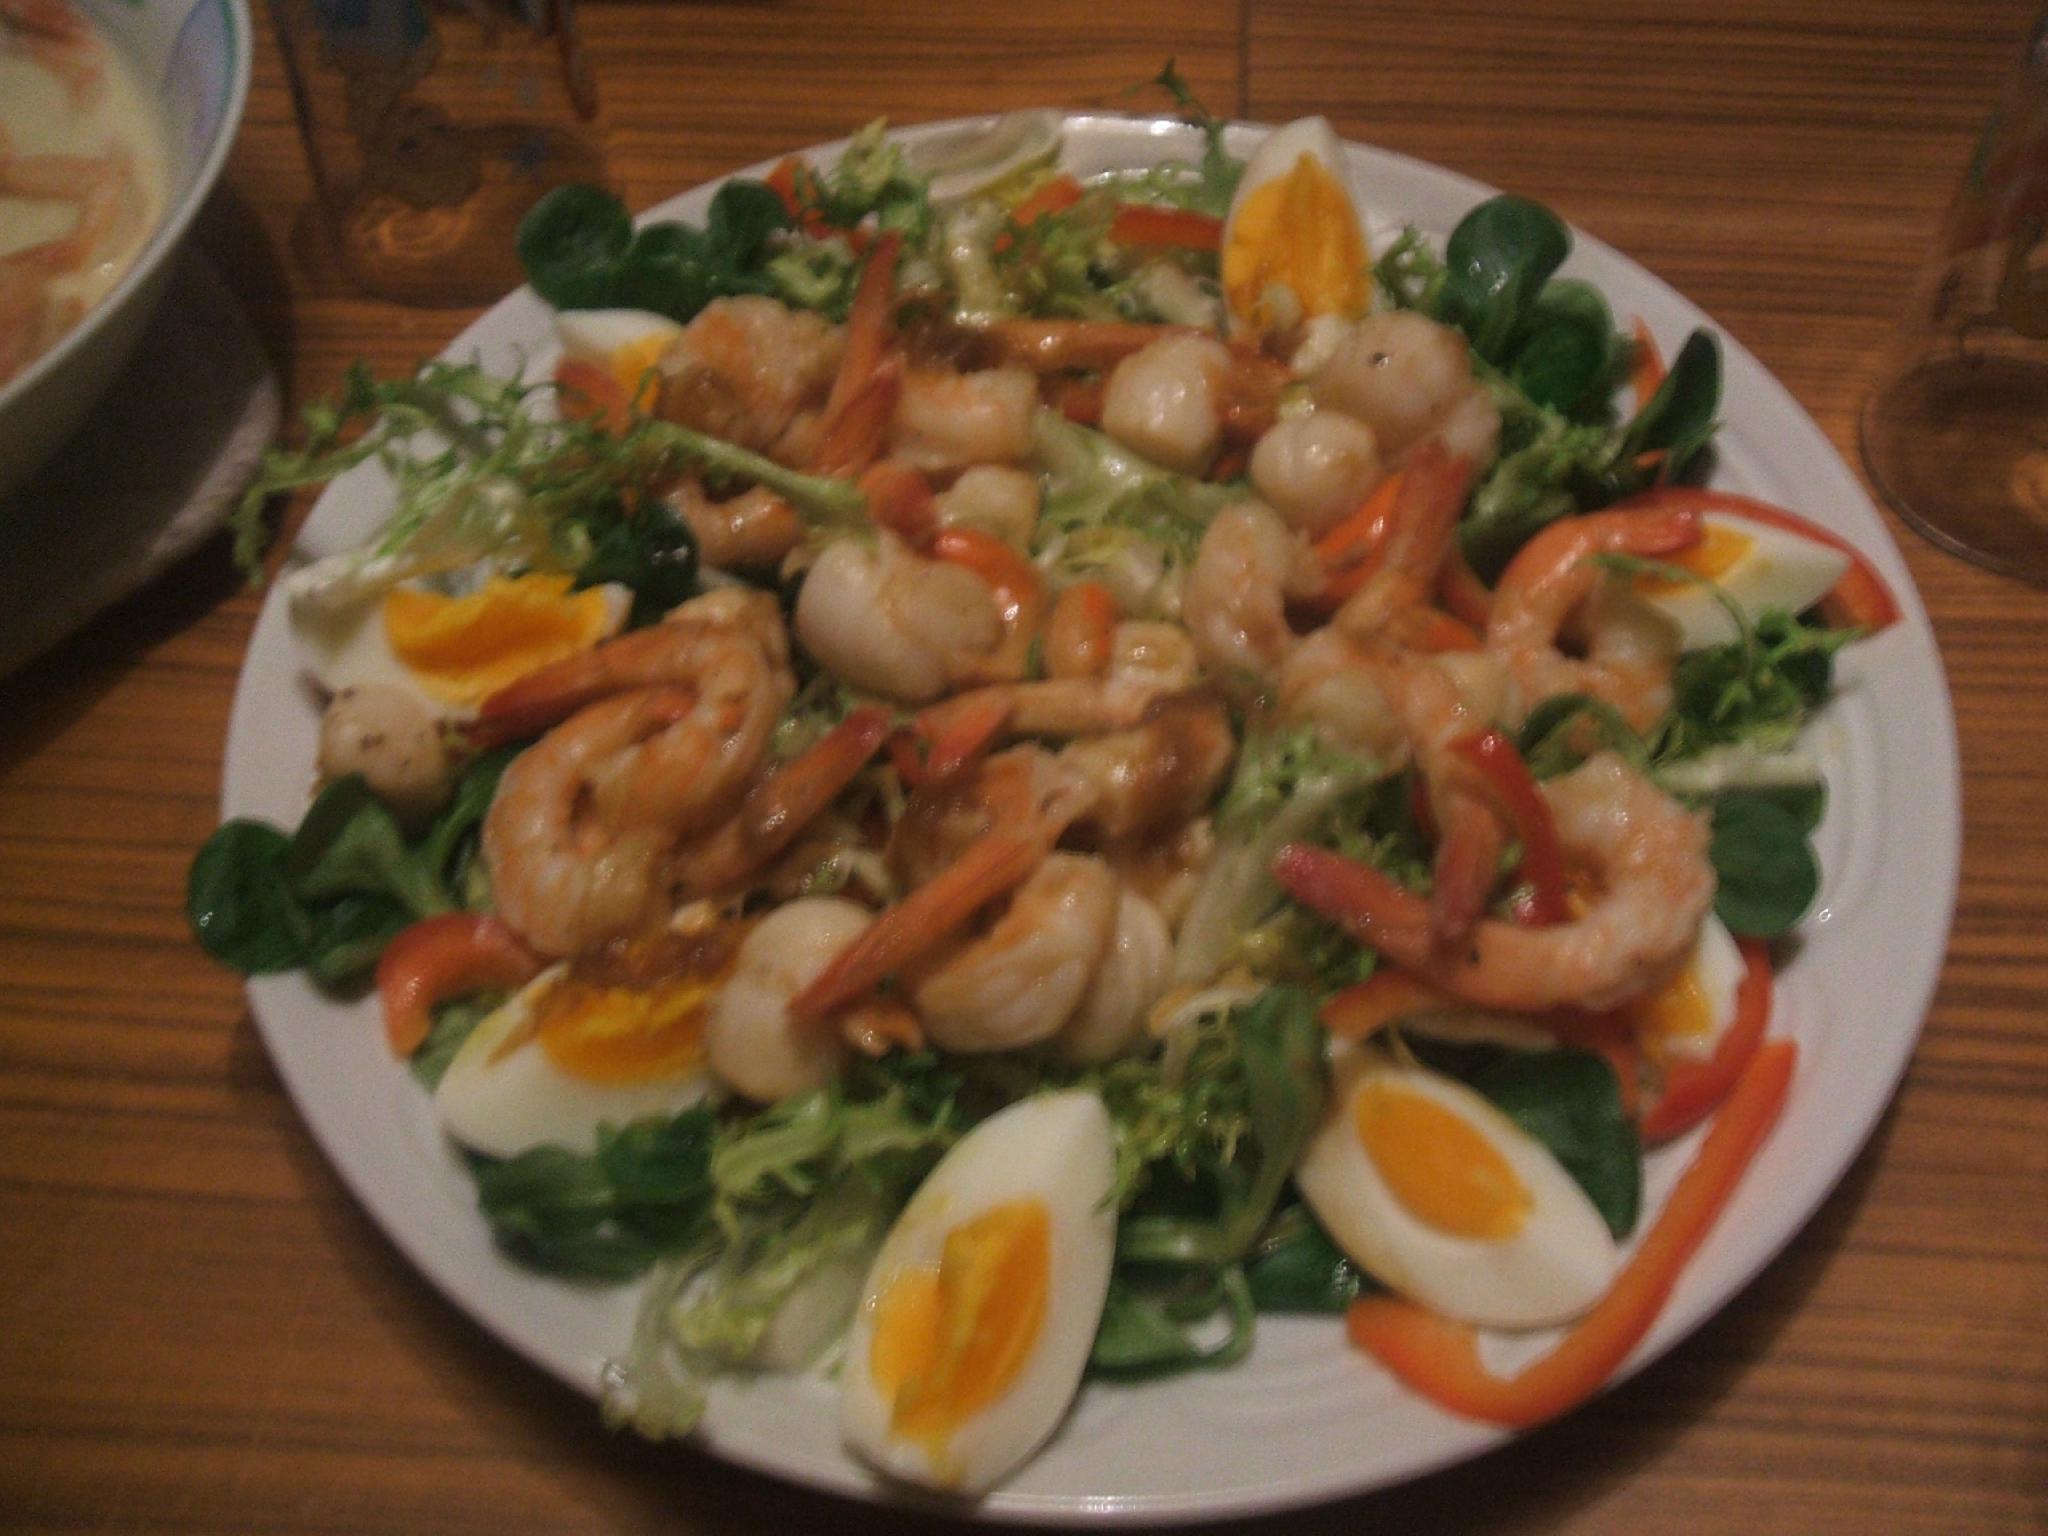 Salade composee aux crevettes et noix de st jacques peneloppe ou les al as du quotidien - Comment presenter des crevettes en entree ...